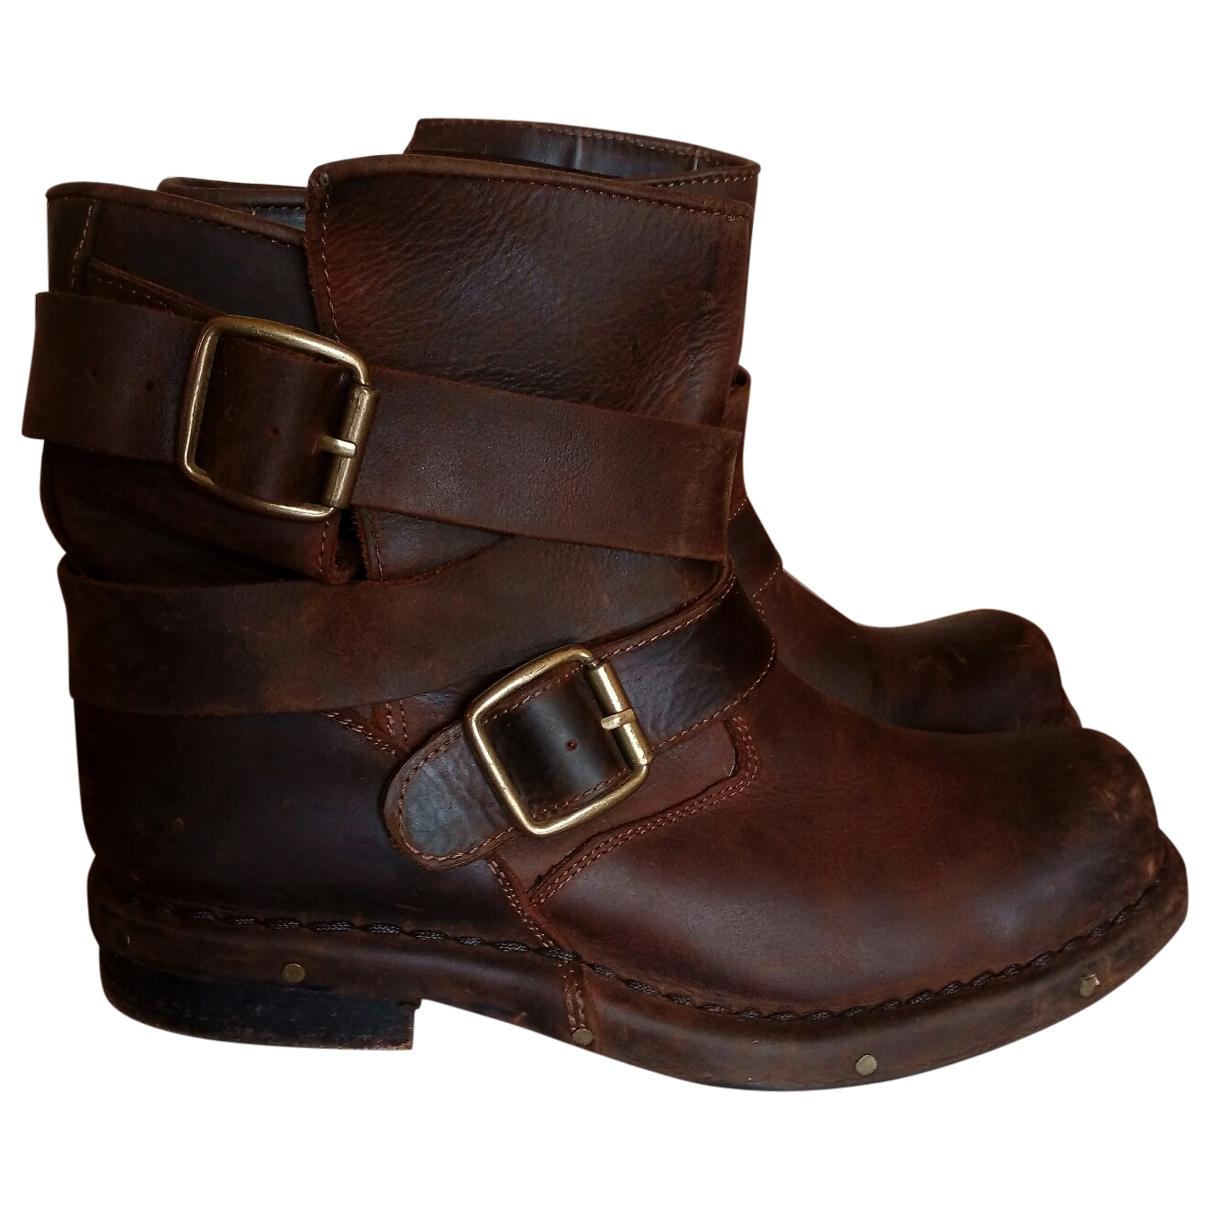 Jeffrey Campbell - Bottes   pour femme en cuir - marron